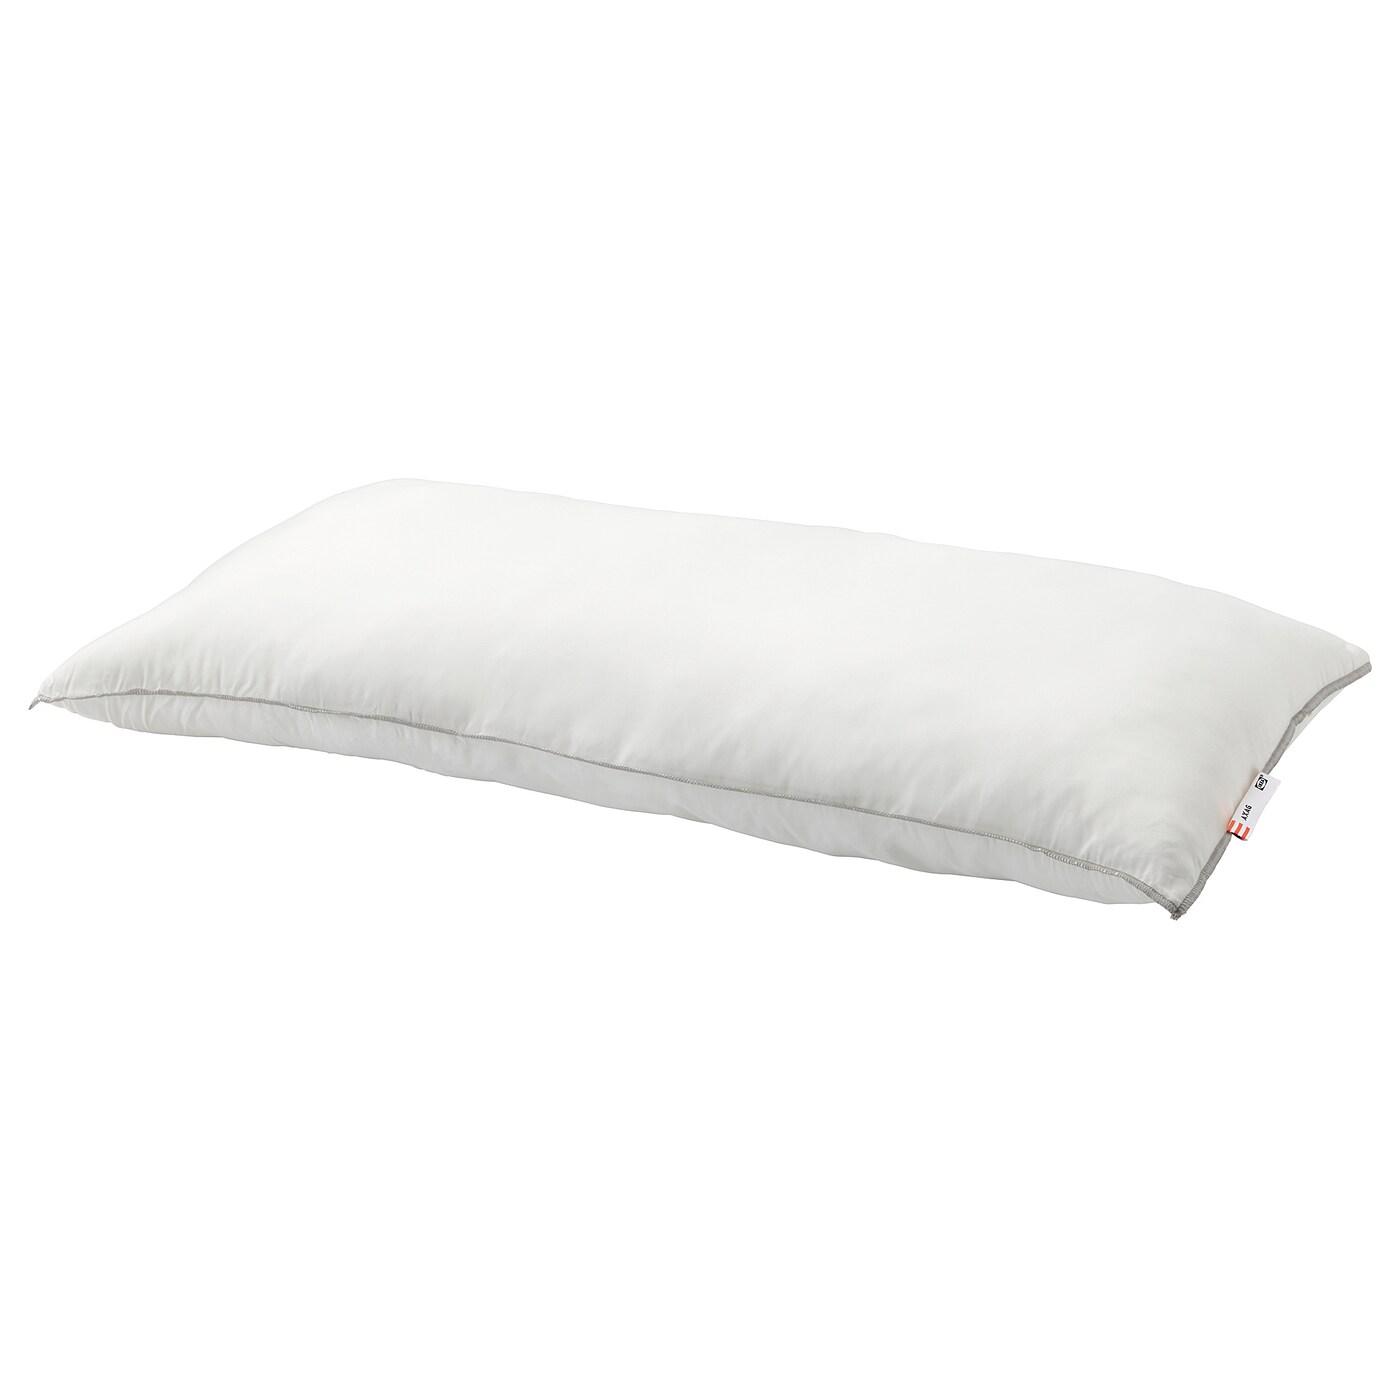 almohadas viscoelásticas, de plumas y sintéticas | compra online ikea